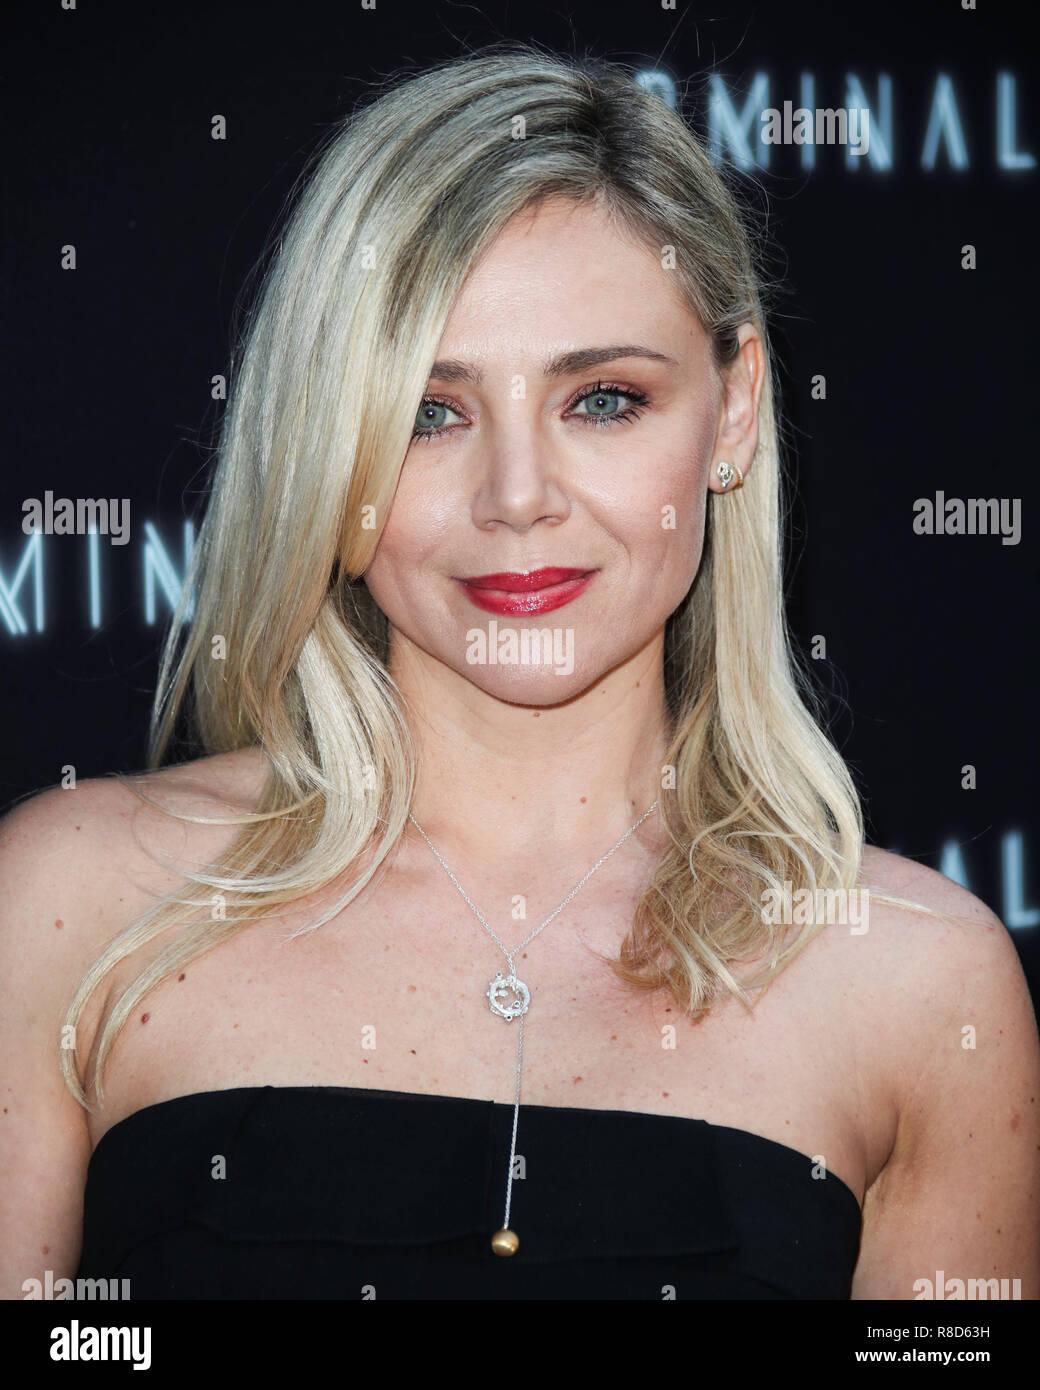 2019 Katarina Cas nudes (61 photo), Twitter